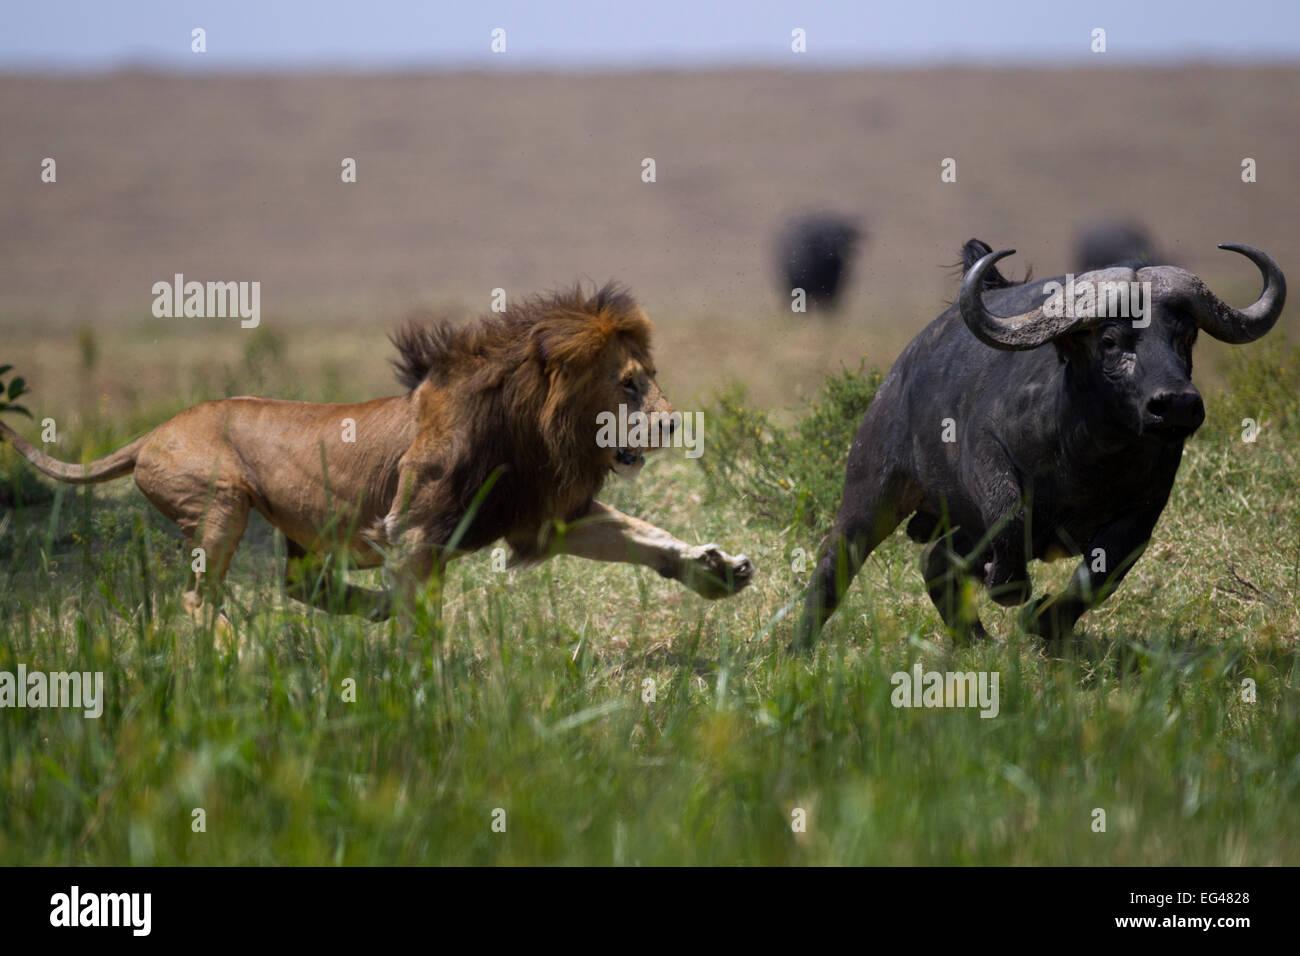 Leone maschio (Panthera leo) in confronto Cape buffalo (Syncerus caffer). Riserva Nazionale di Masai Mara Kenya Immagini Stock